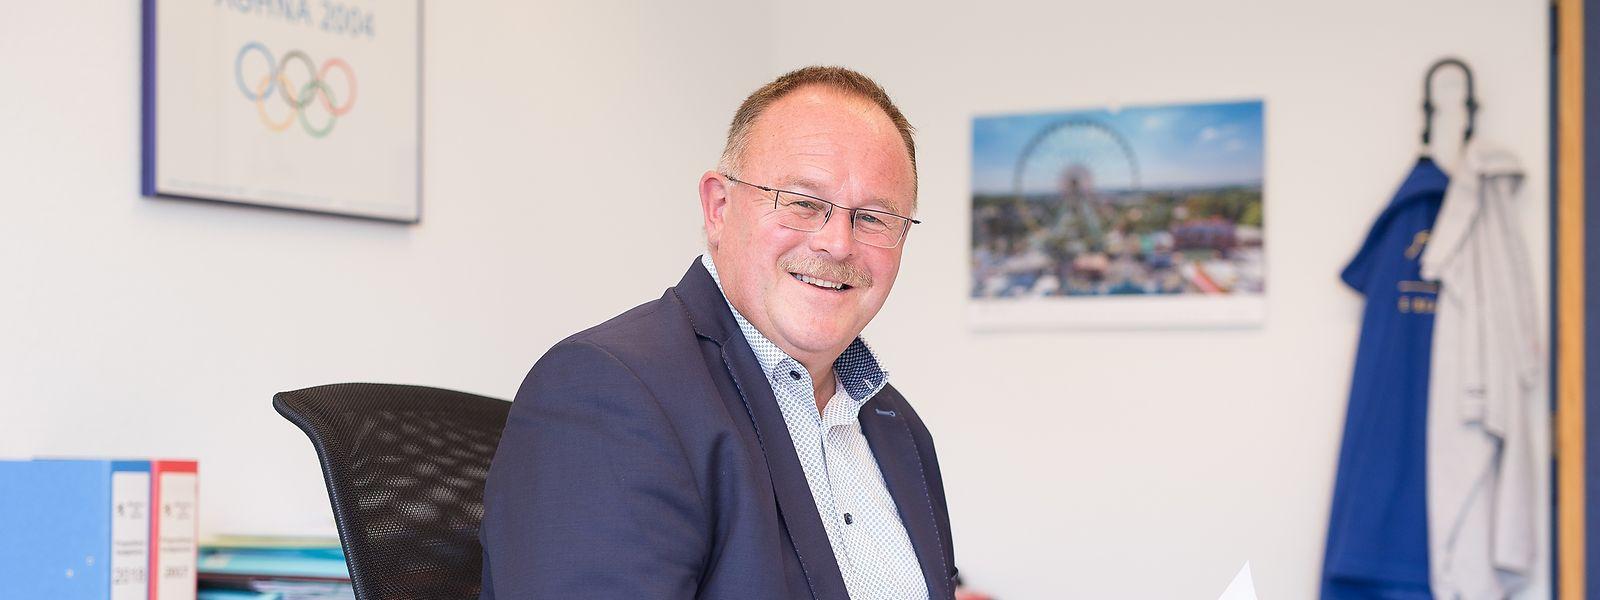 Romain Schneider ist seit 2009 Sportminister.